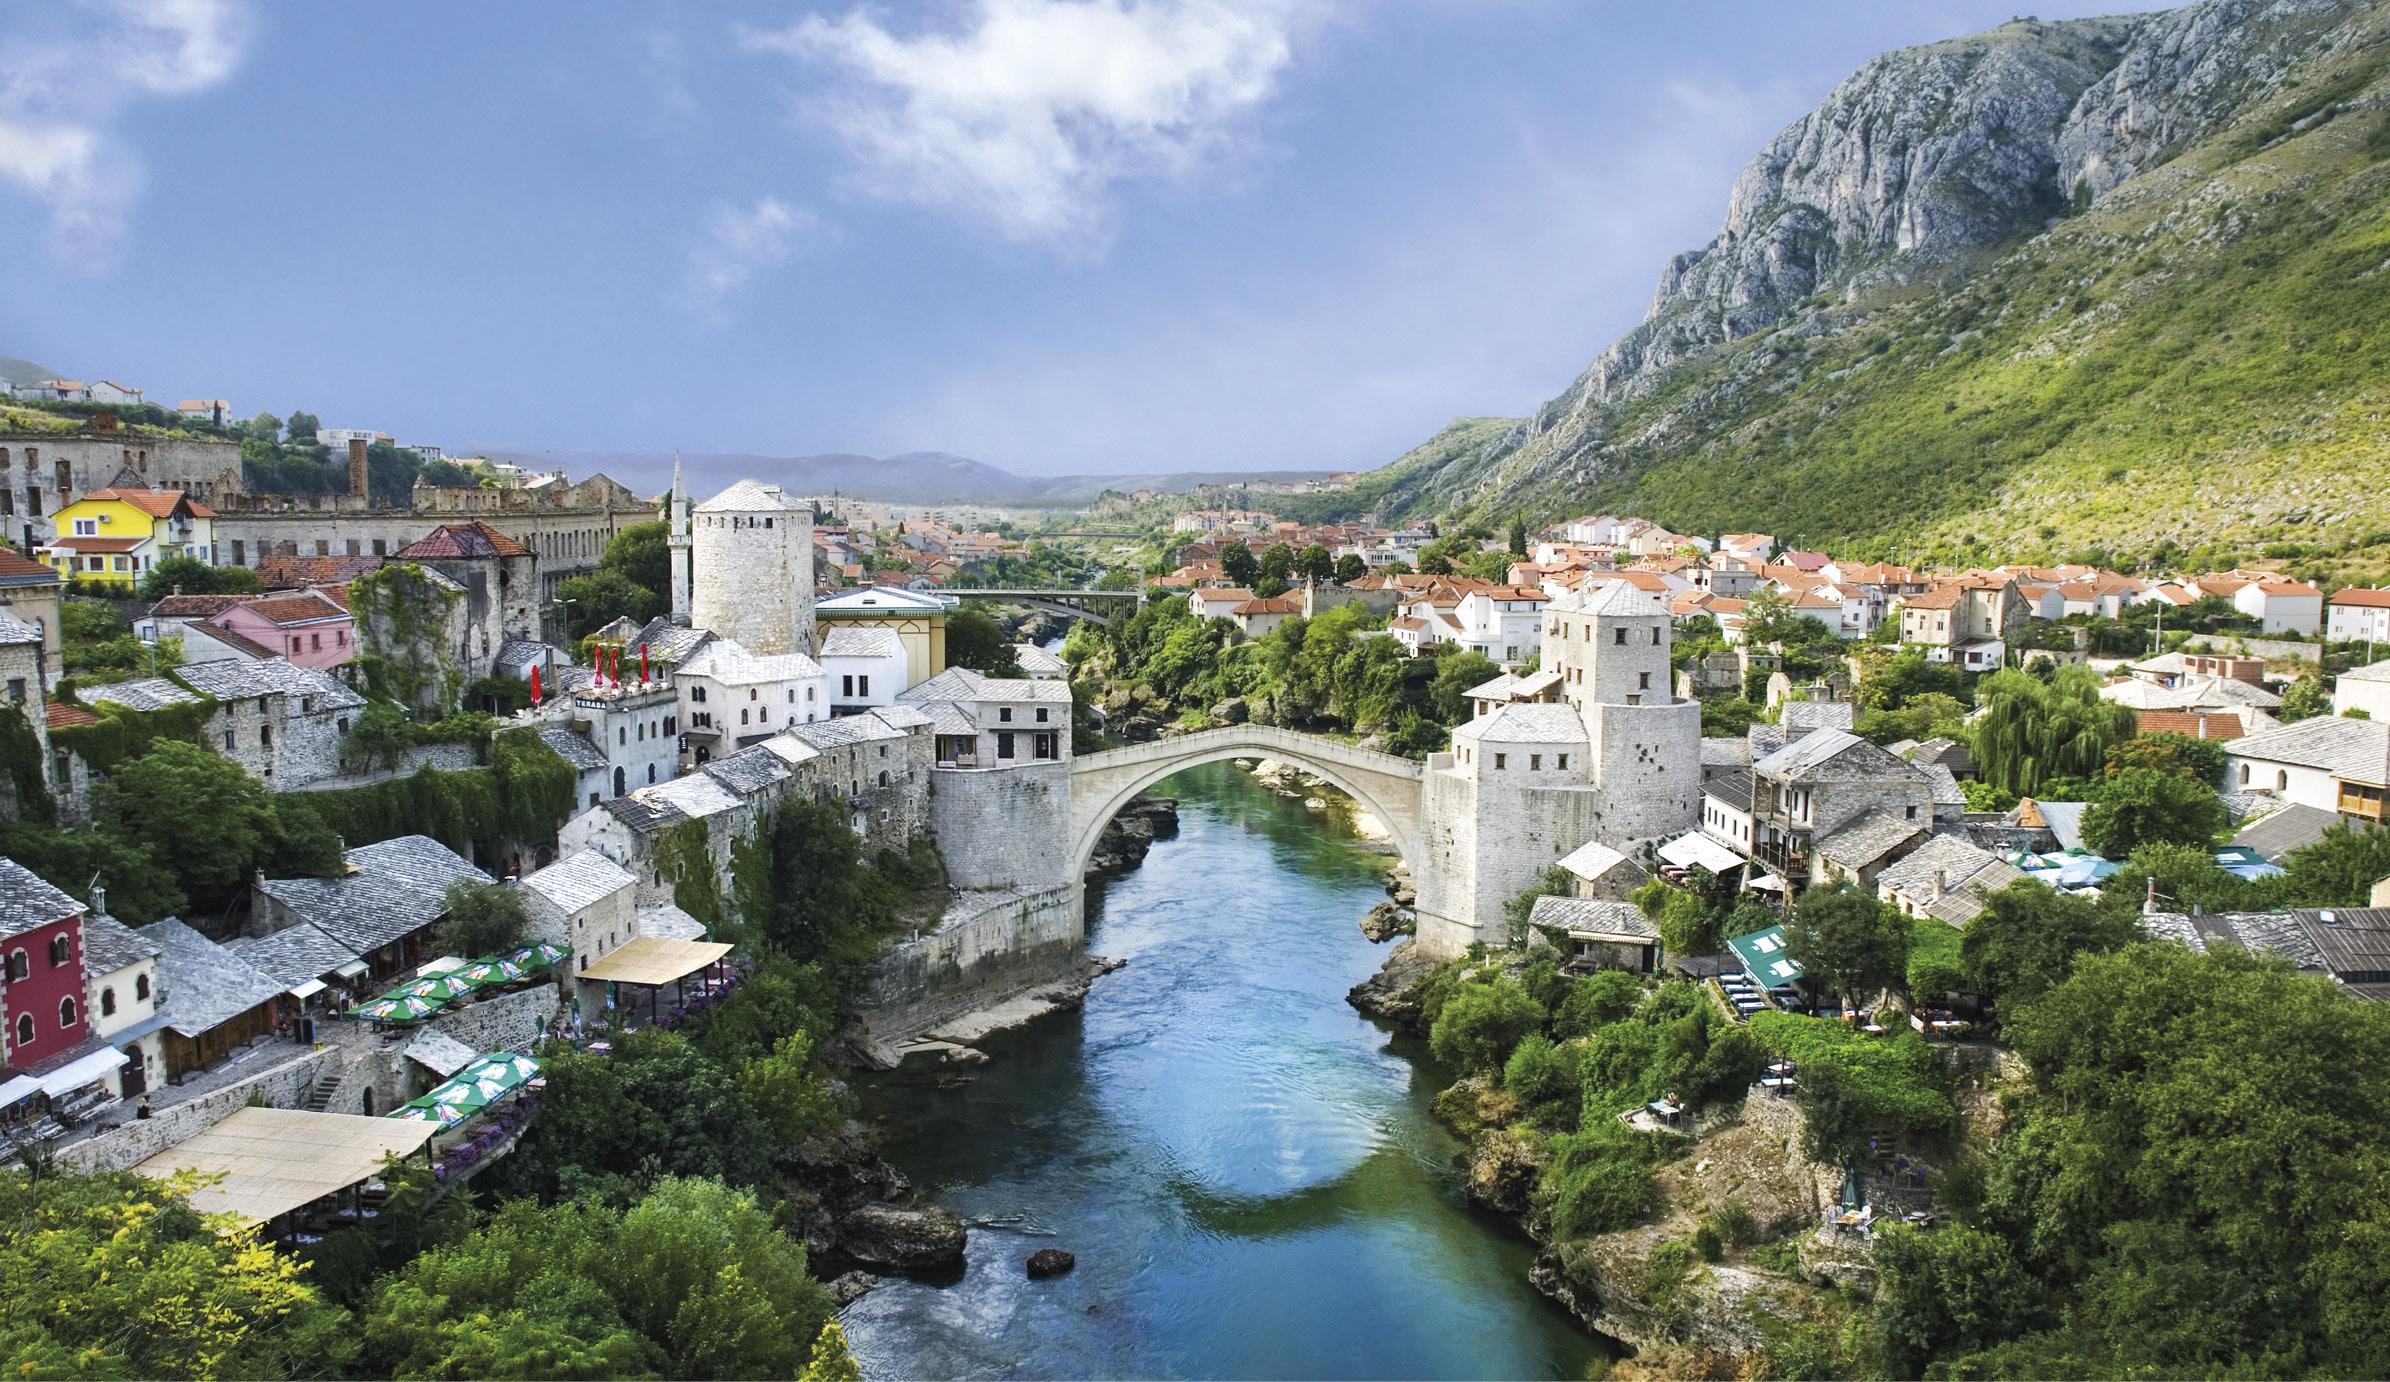 Ponte de Mostar (Bósnia-Herzegovina) que, desde o século XVI, unia as comunidades cristã e muçulmana da cidade, destruída durante a guerra civil da antiga Jugoslávia, em 1993.